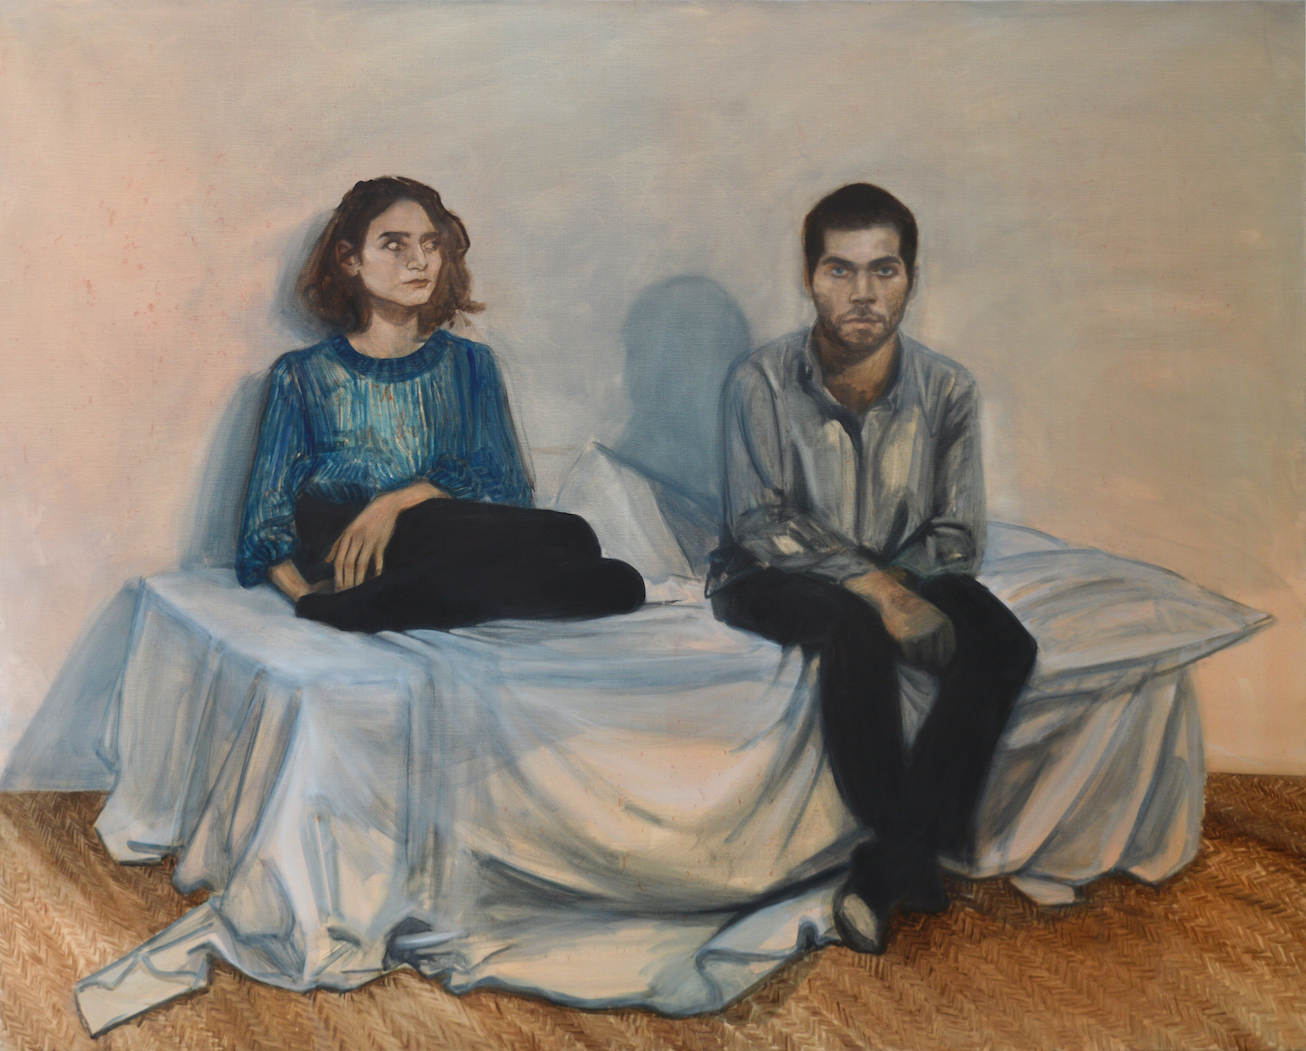 Simon et Christine, 2016, 162x130 cm, huile sur toile